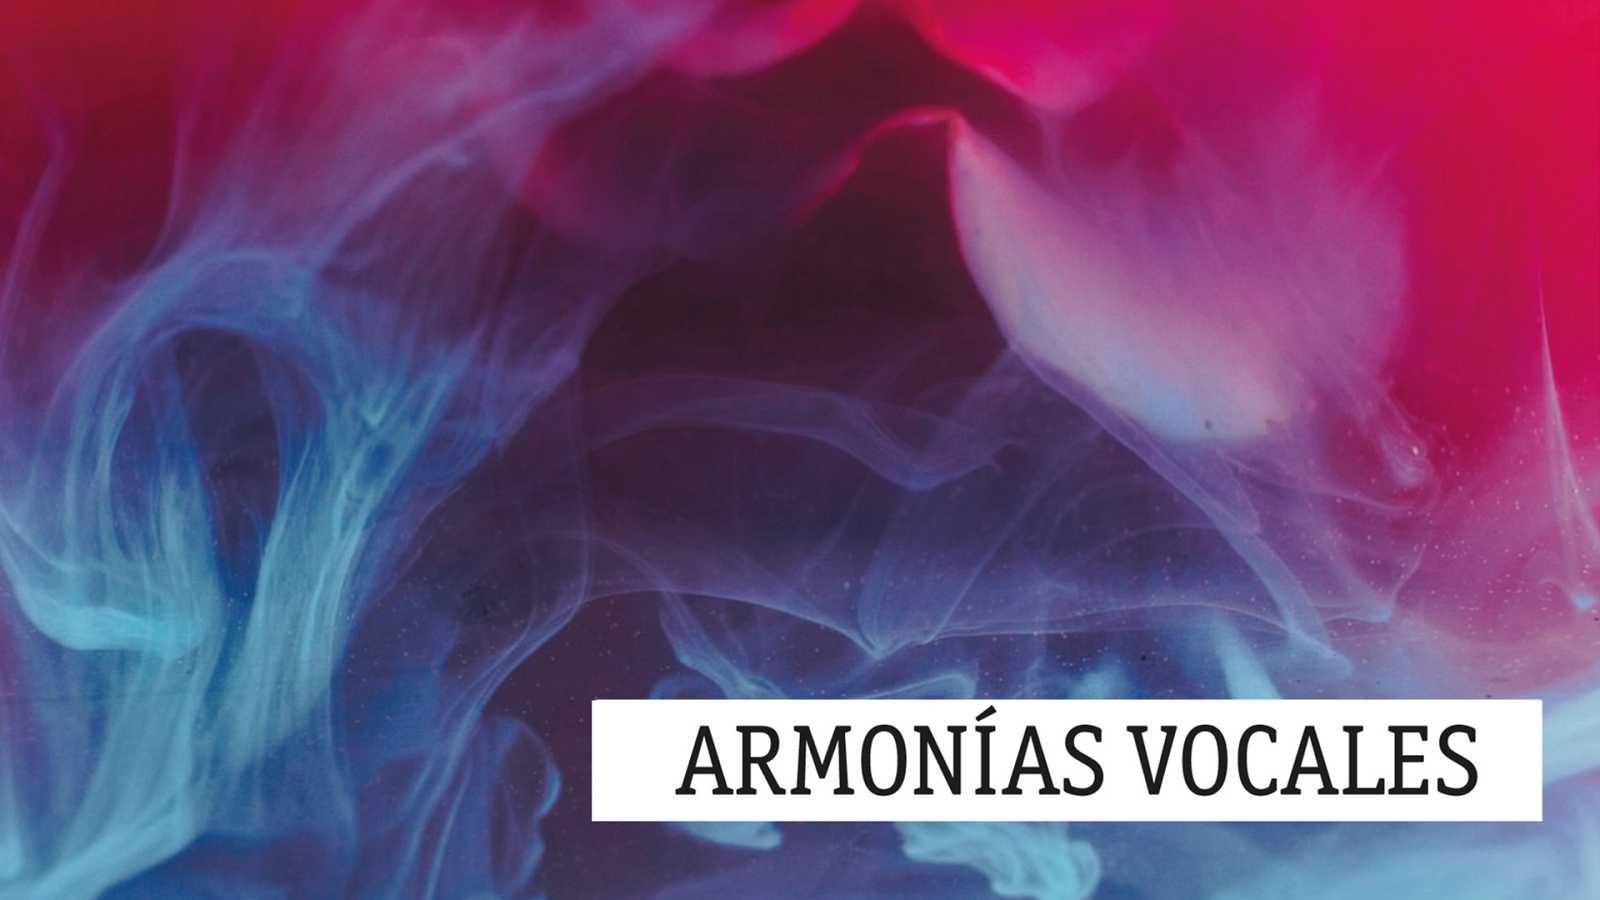 Armonías vocales - Música coral navideña de compositores contemporáneos - 19/12/20 - escuchar ahora